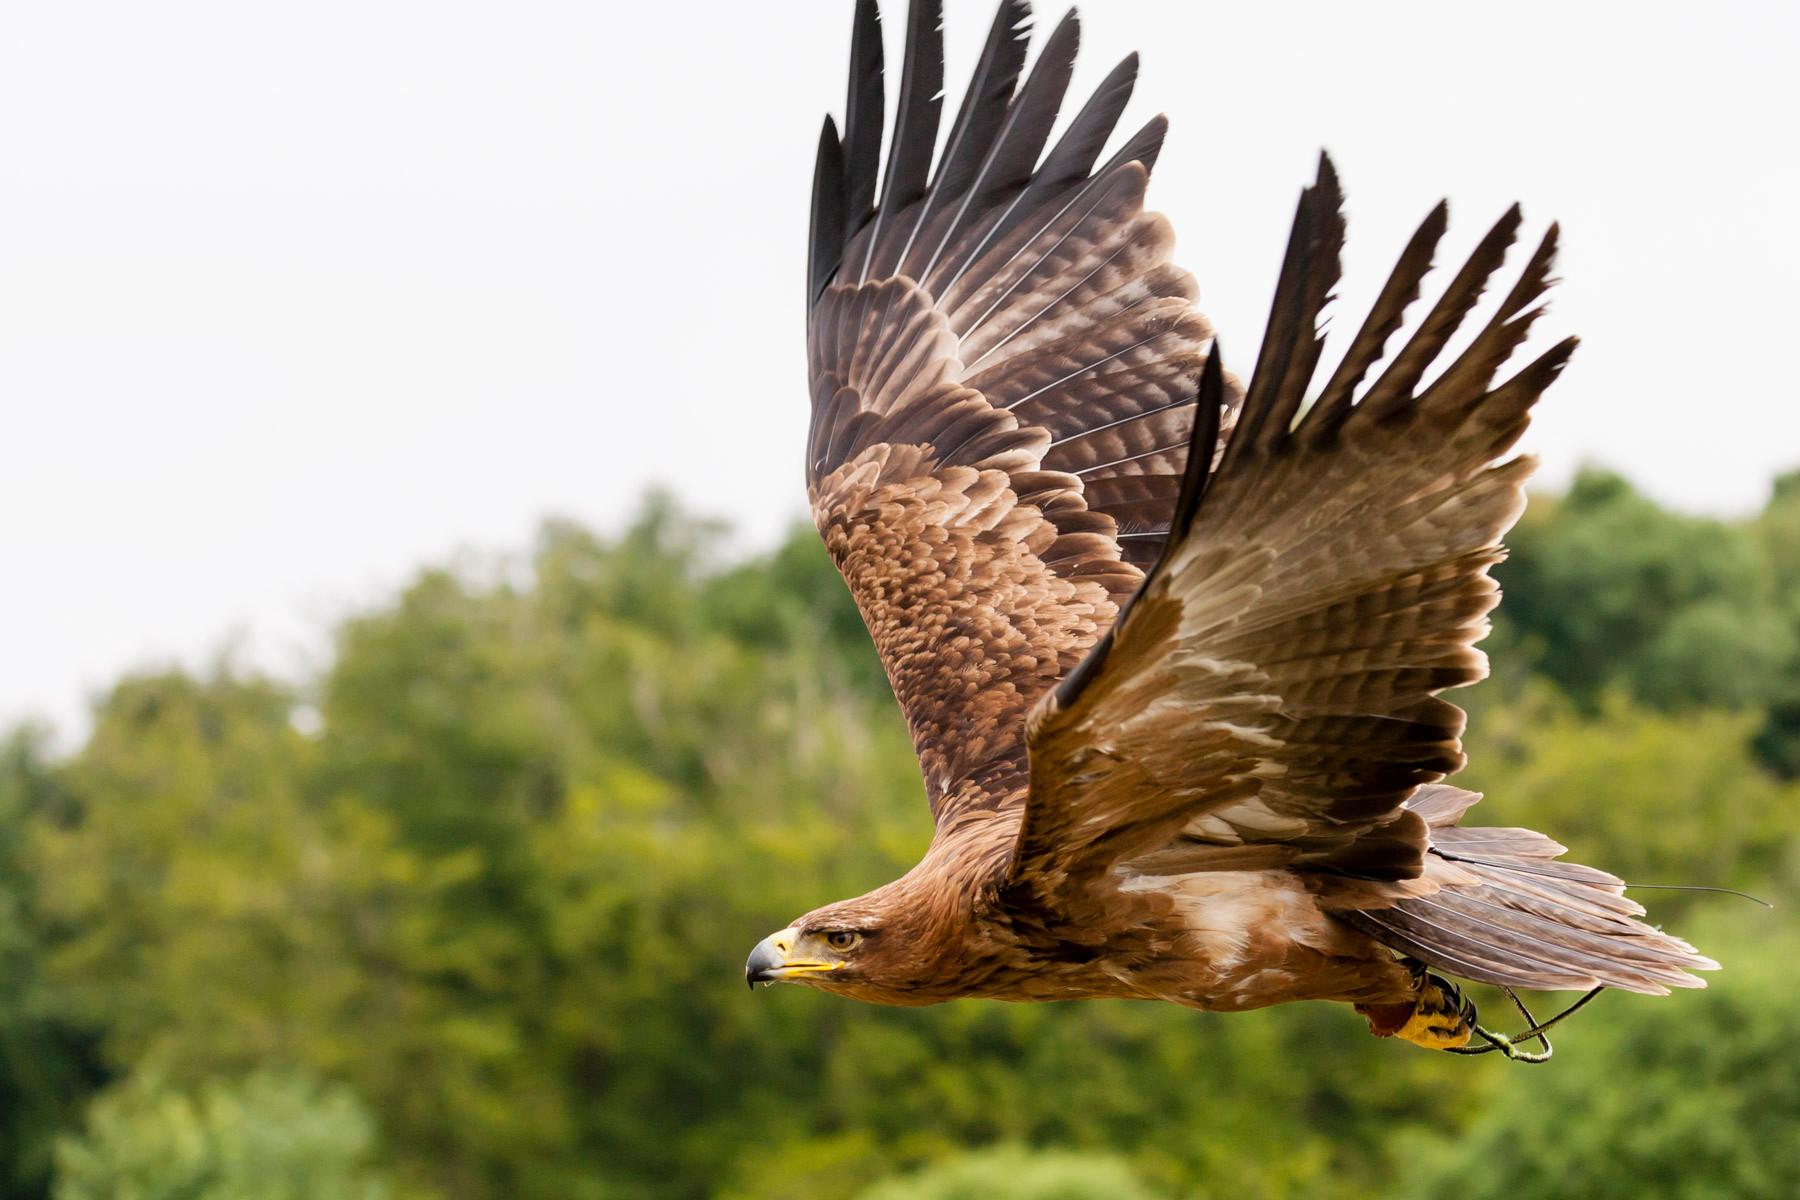 http://tonyrandell.co.uk/wp-content/uploads/2015/06/Golden-Eagle-81.jpg